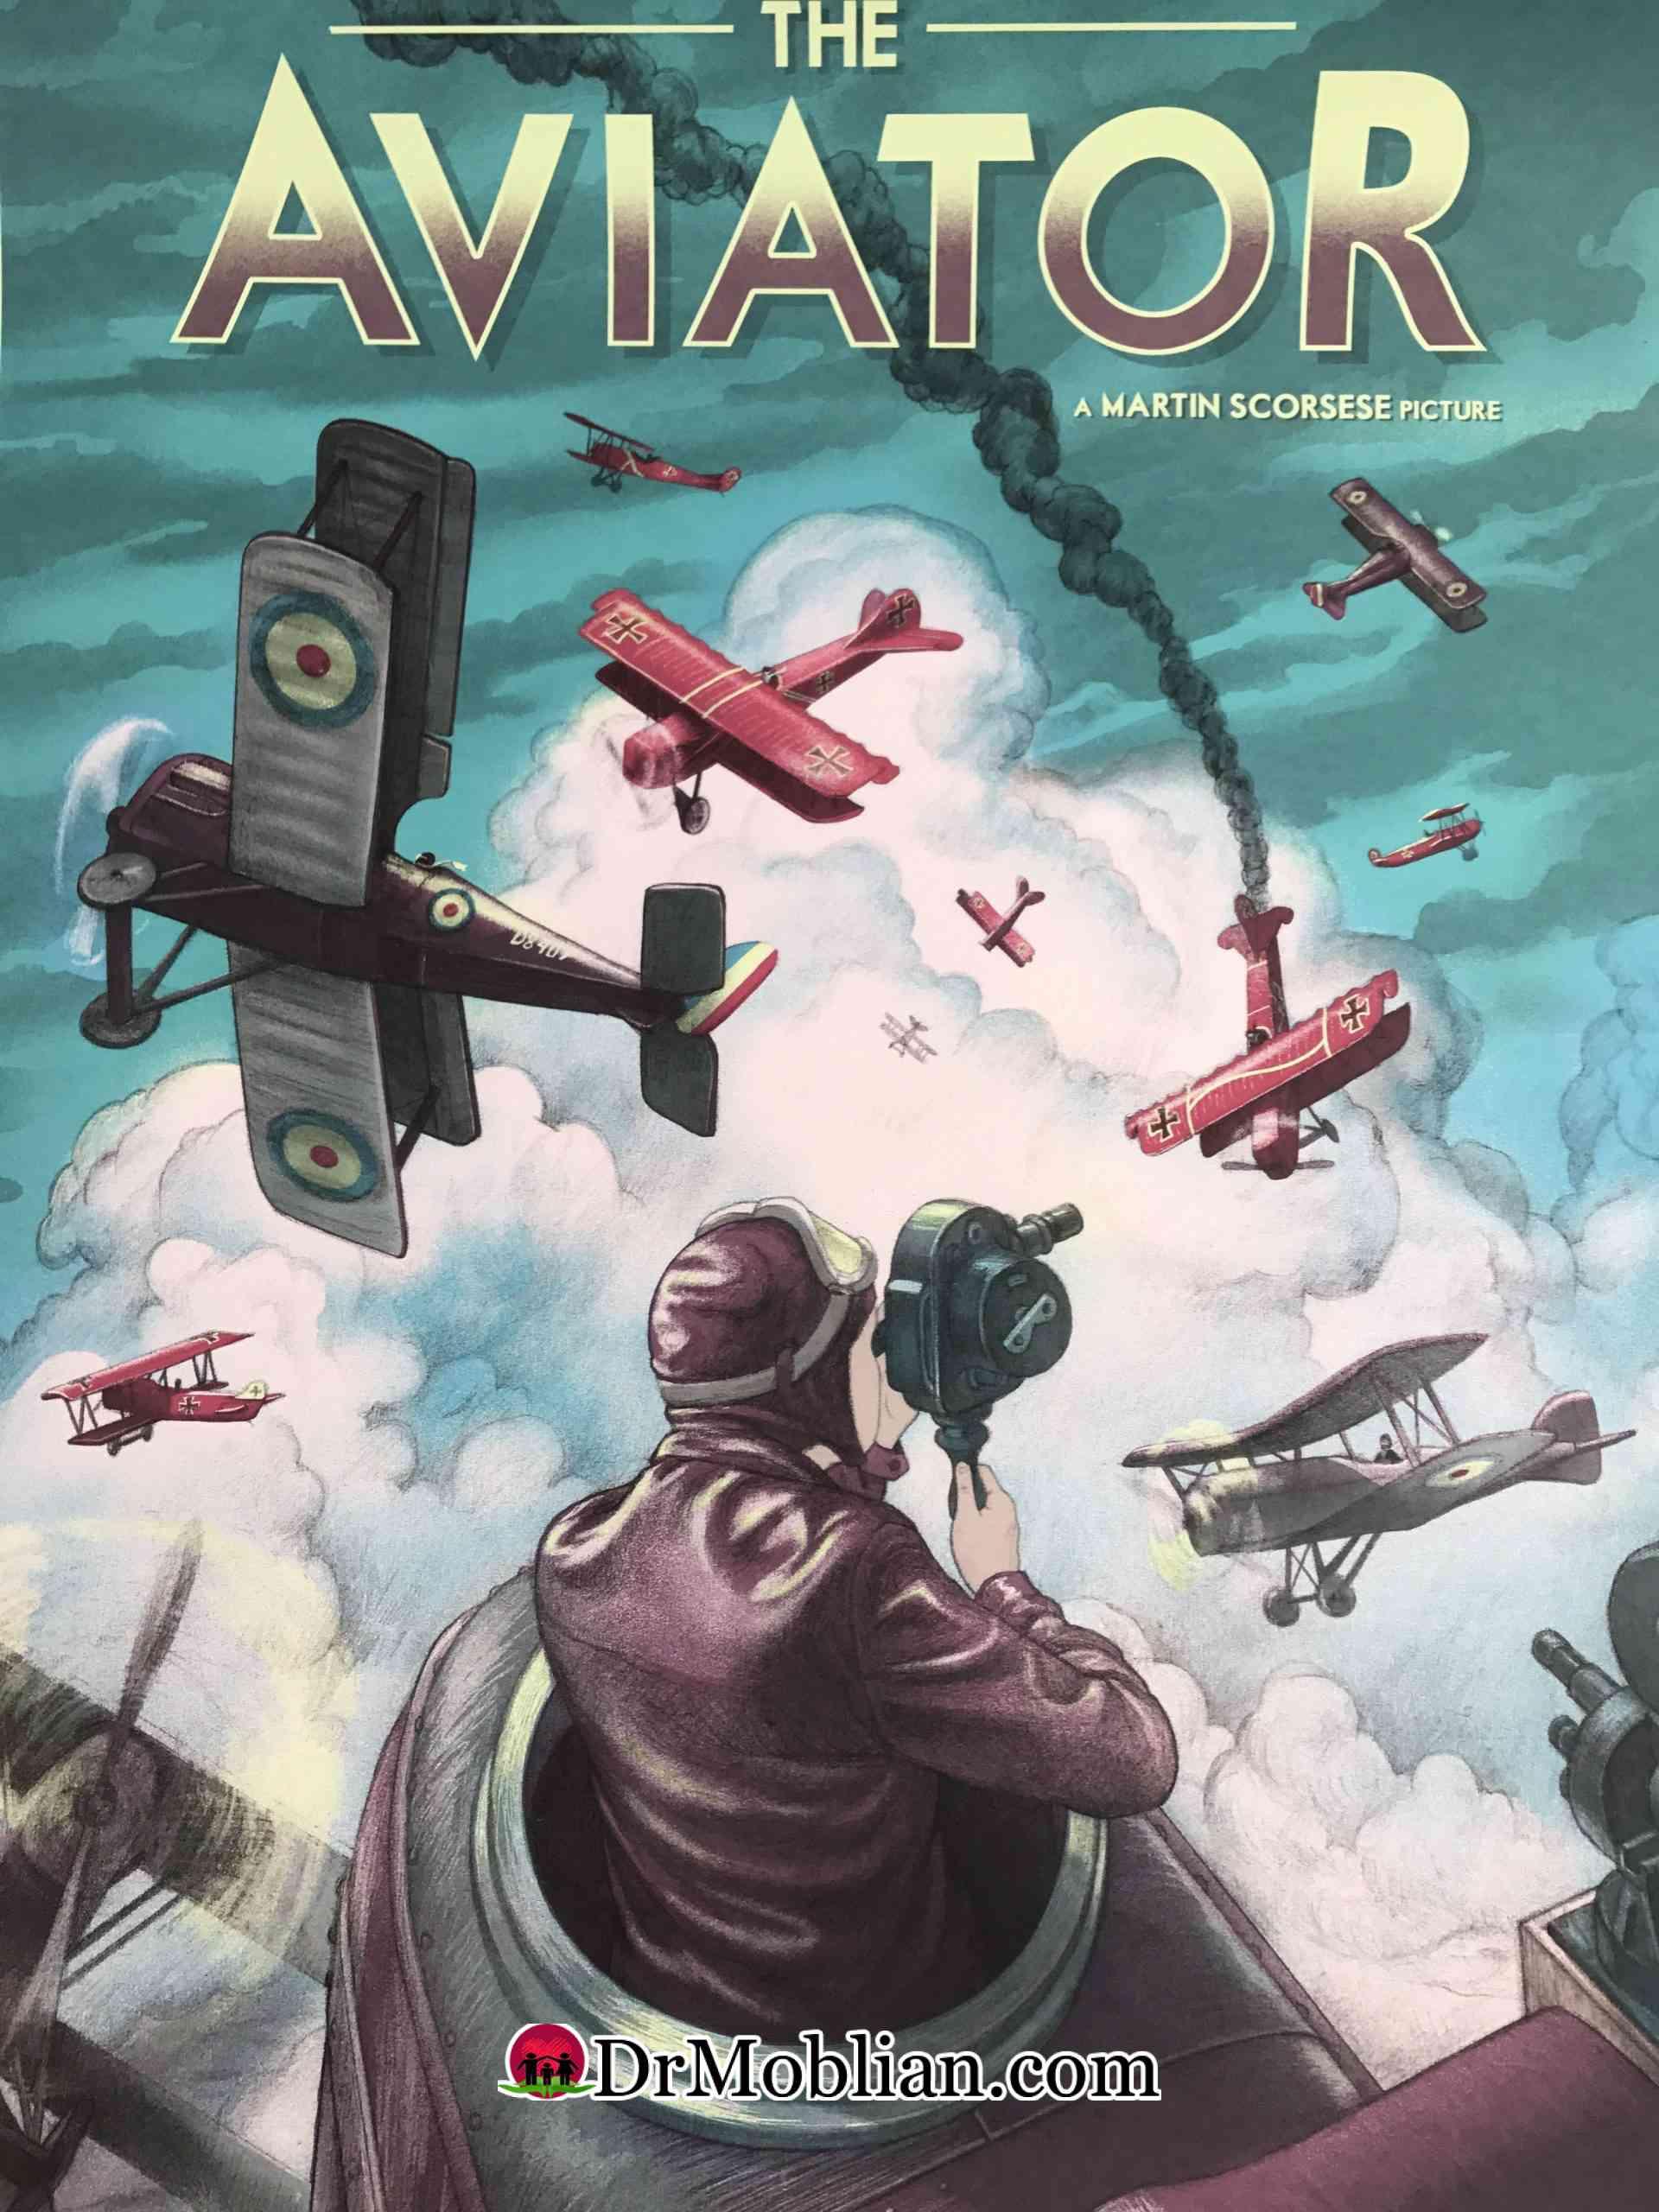 فیلم the aviator : تحلیل و بررسی روان شناختی